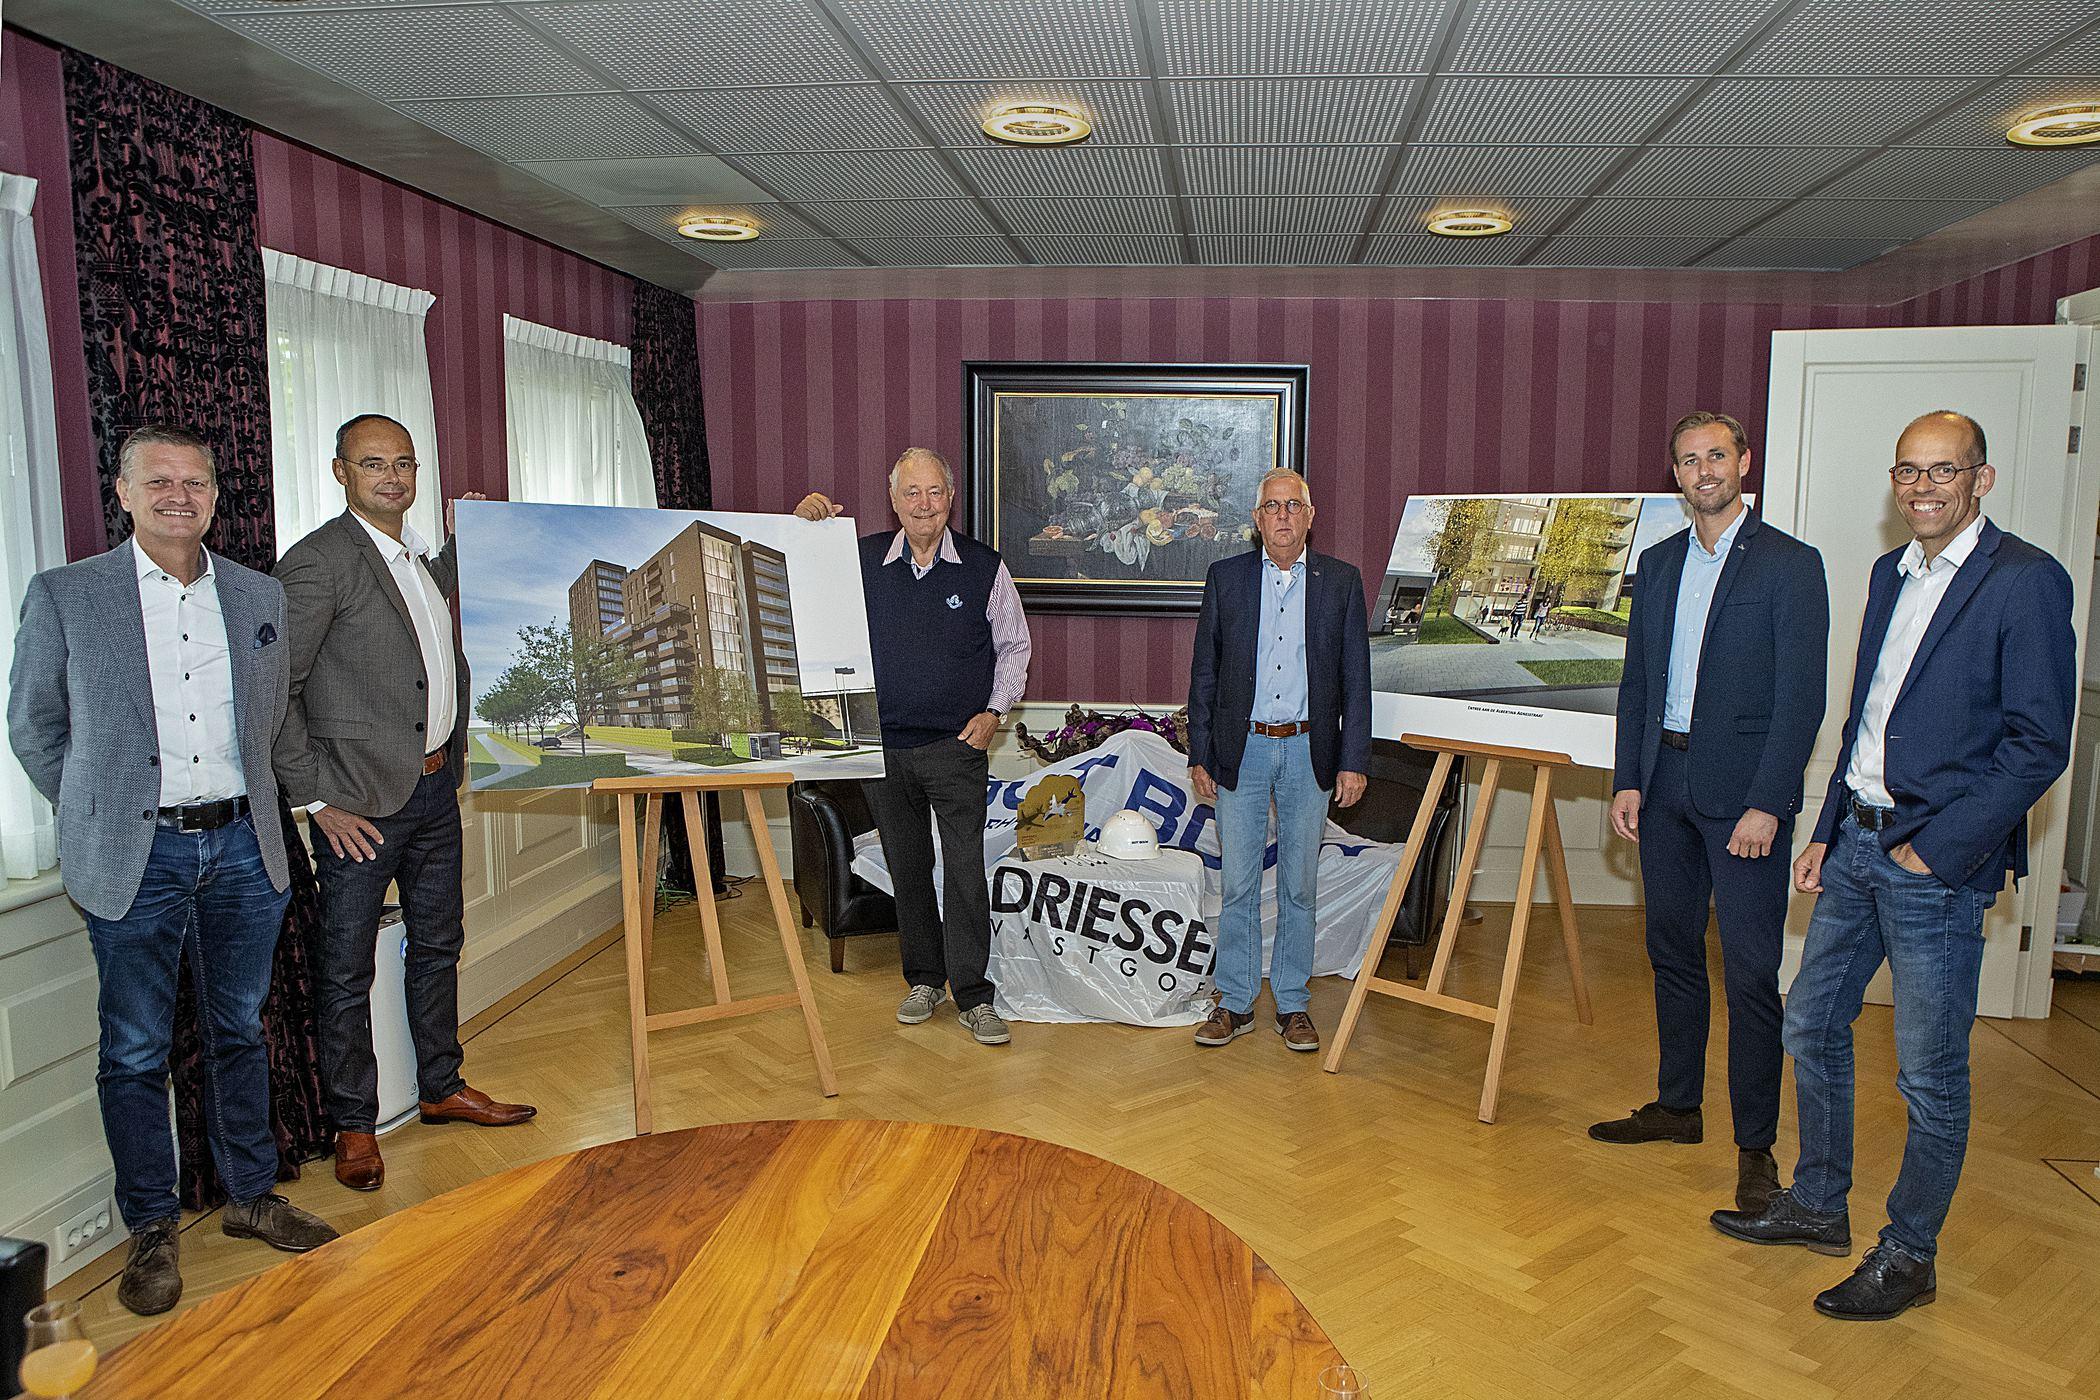 Koop- en realisatieovereenkomst De Kooimeer getekend!